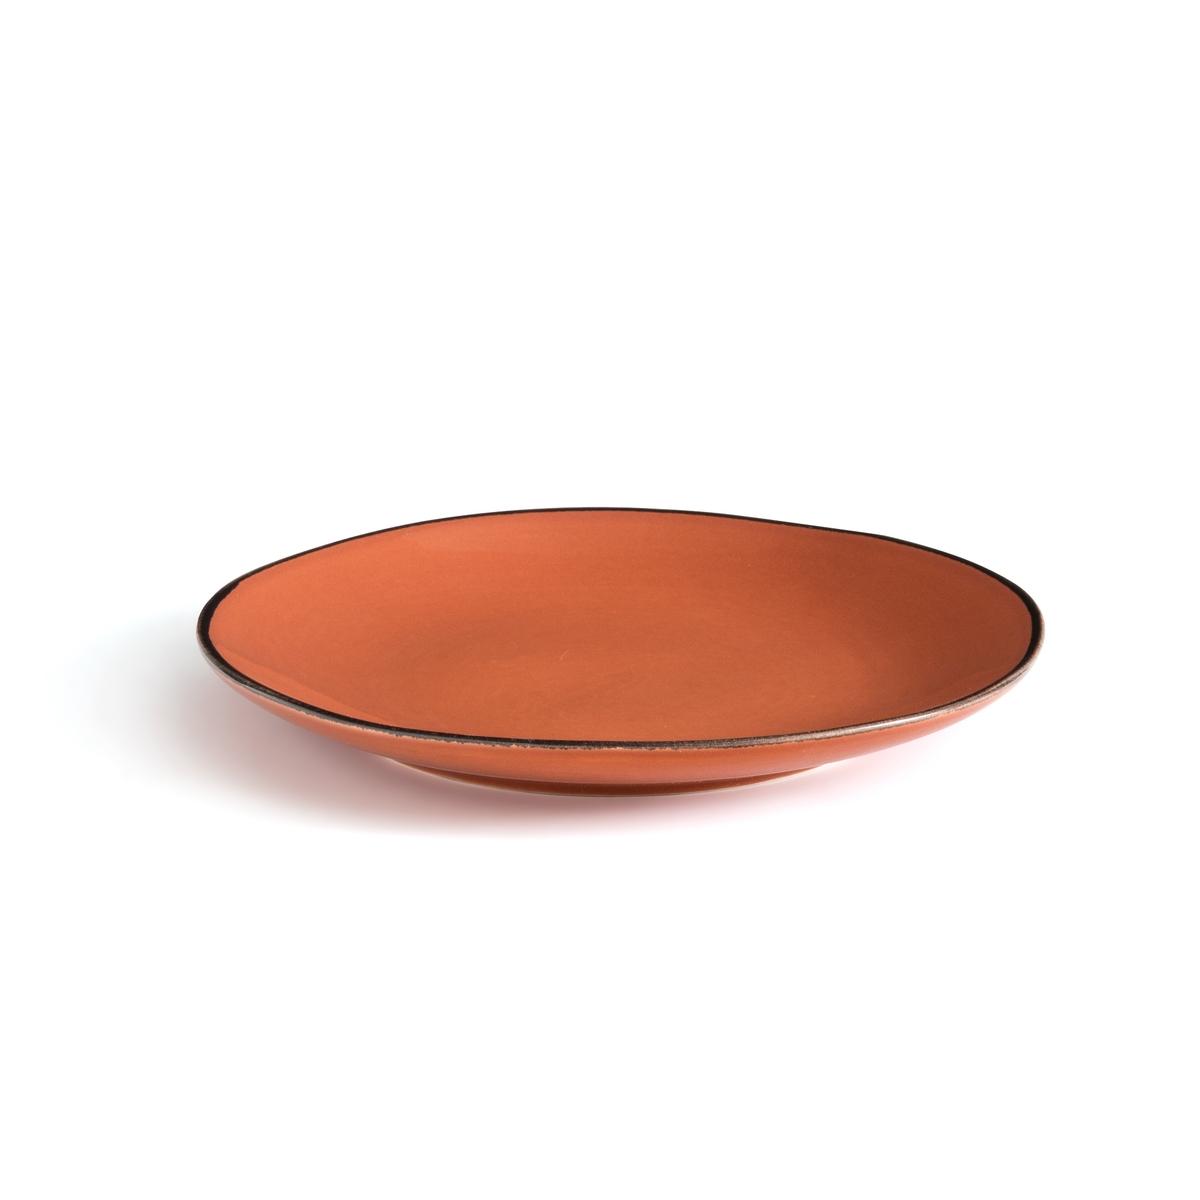 Комплект из десертных тарелок La Redoute Из фаянса Catalpin единый размер каштановый